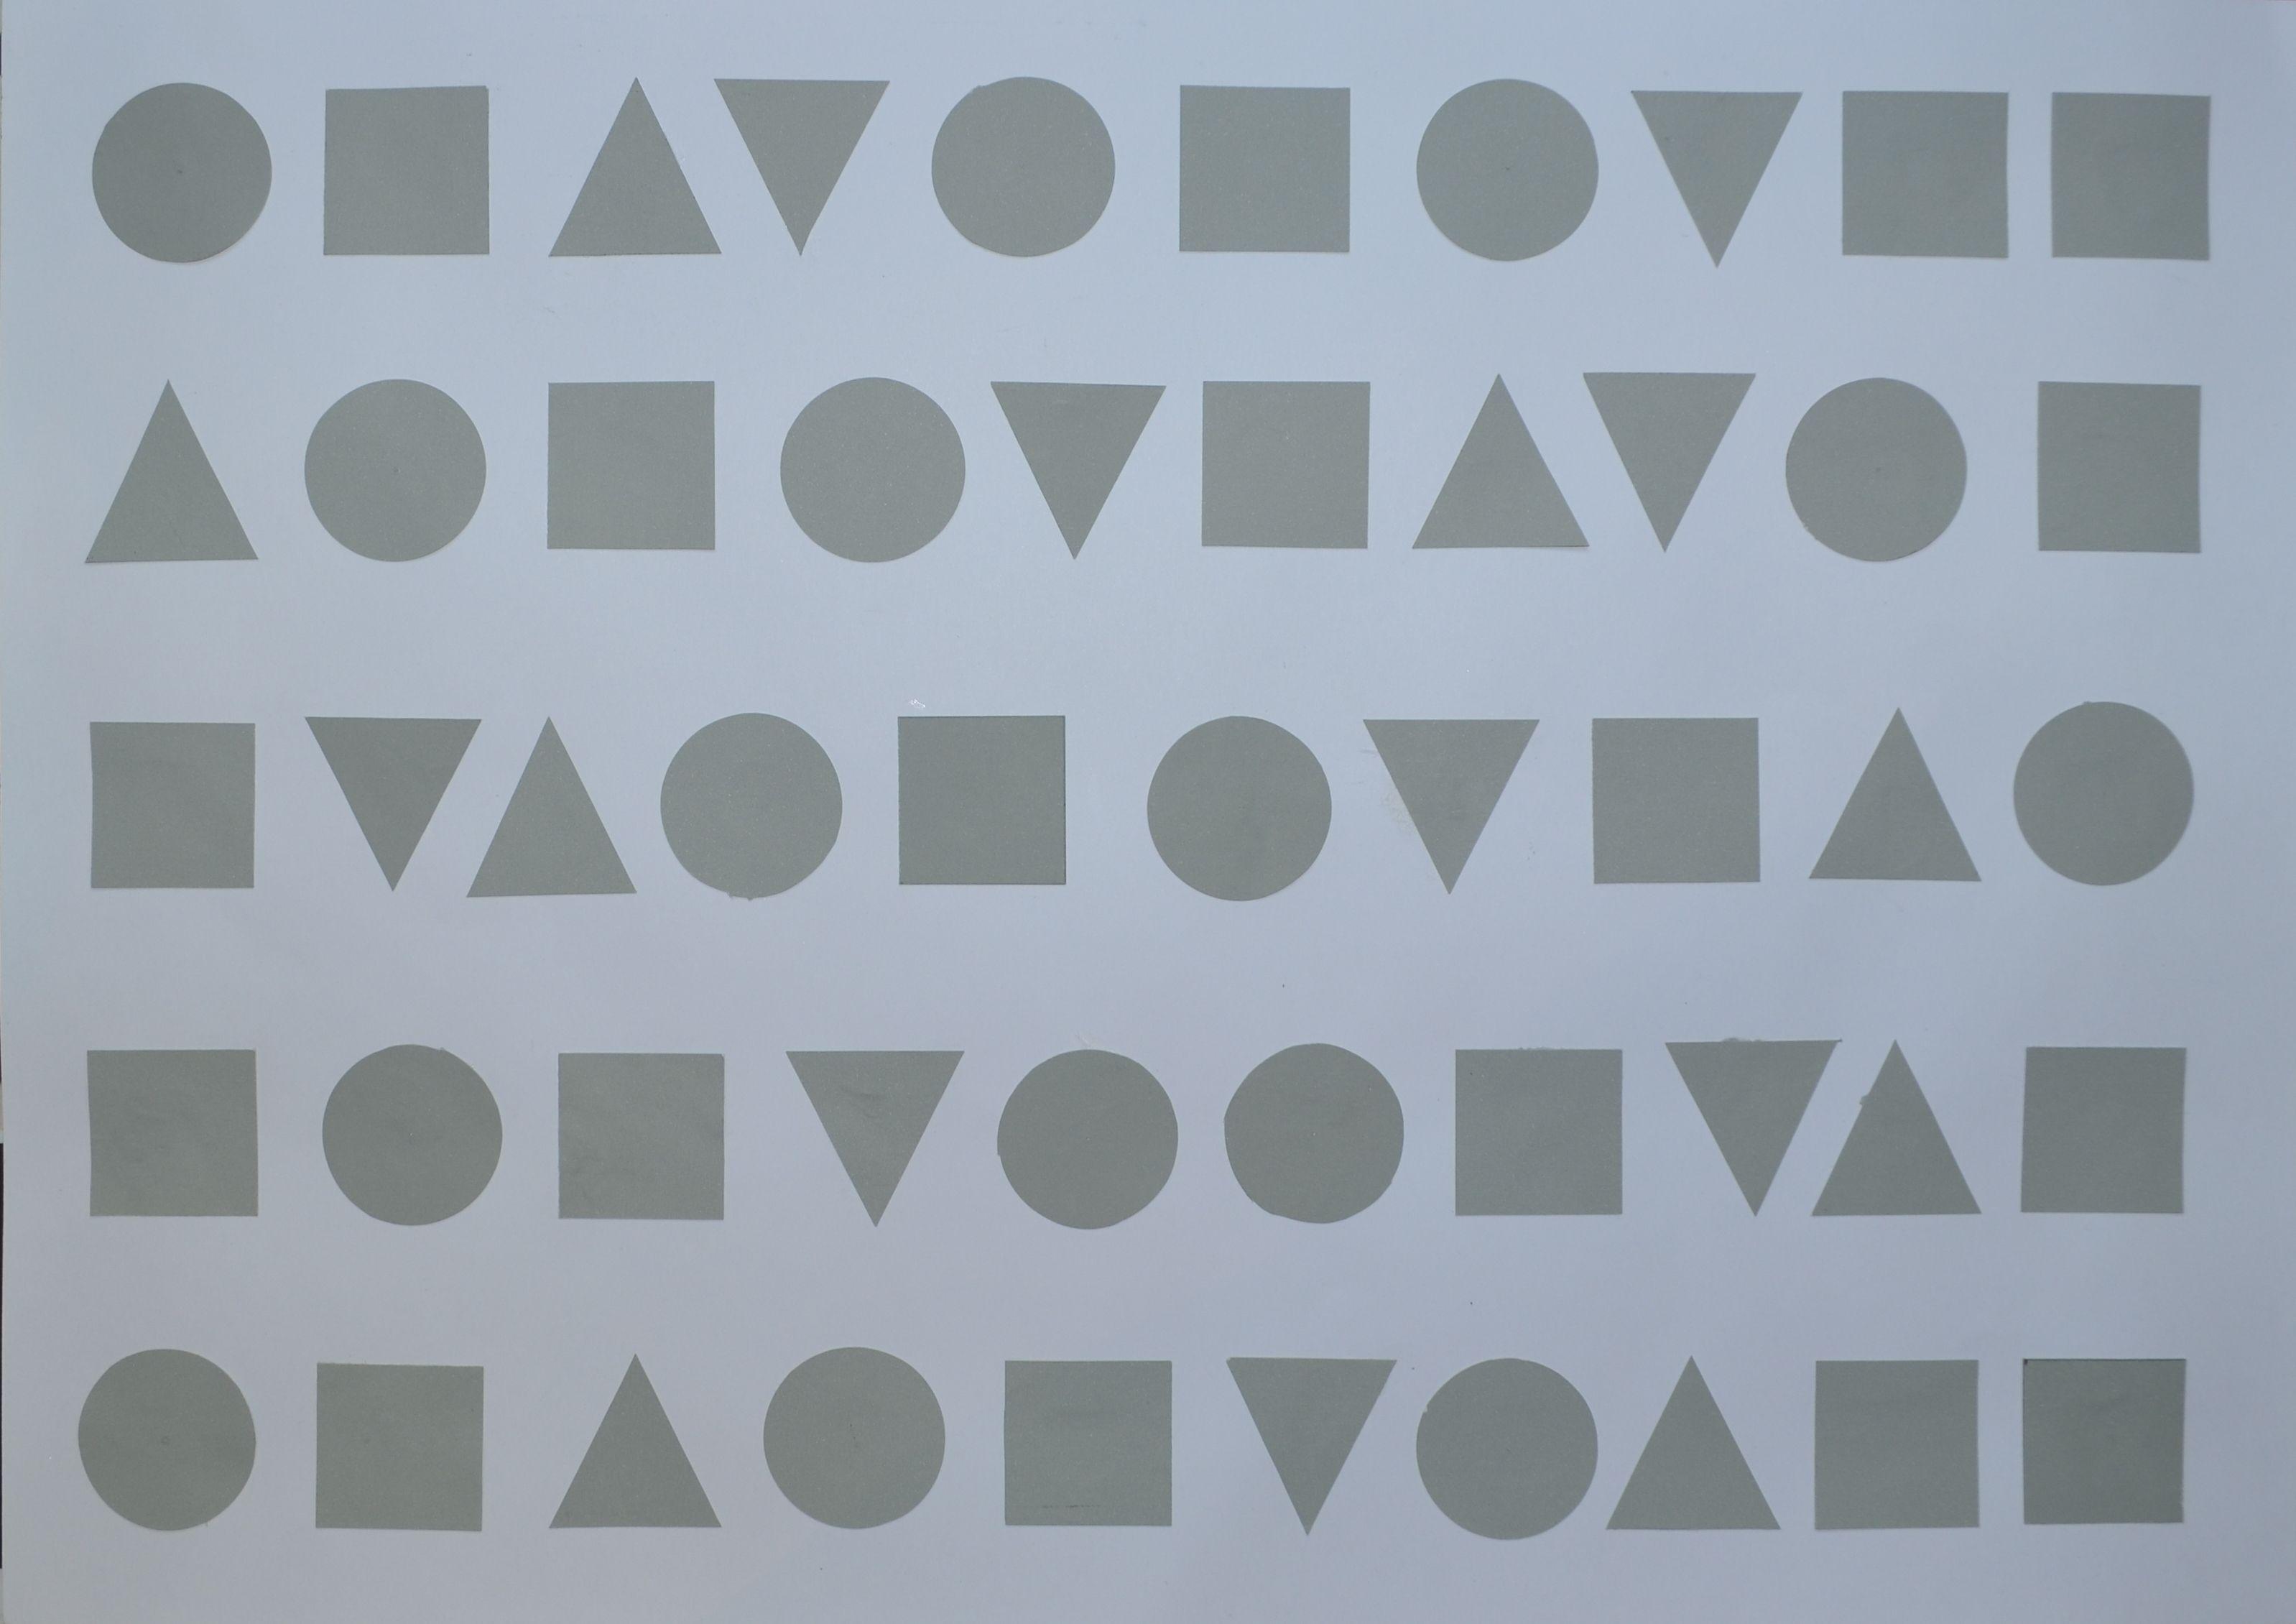 Sensibilización al ritmo. Escritura y tipografía, aspectos geométricos. Signo tipográfico, proporciones.